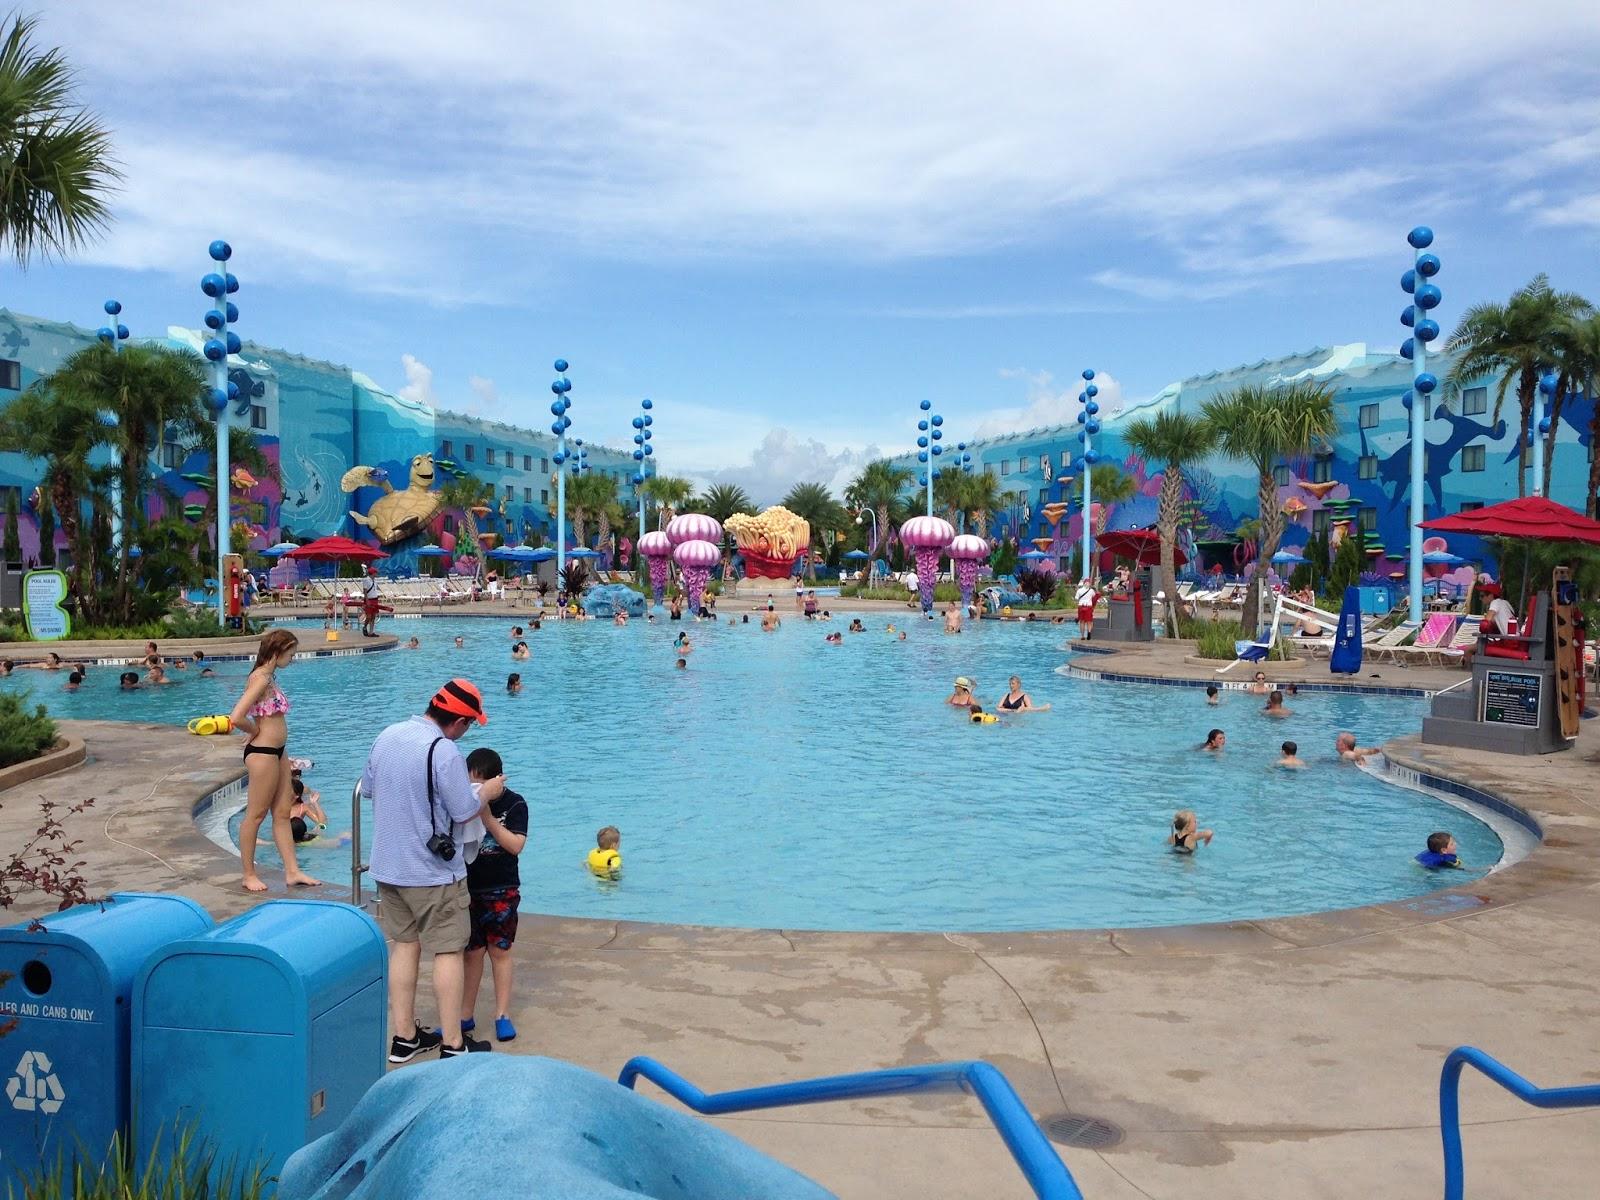 Digital disney world ddw pic 710 the big blue pool for Blue world pools